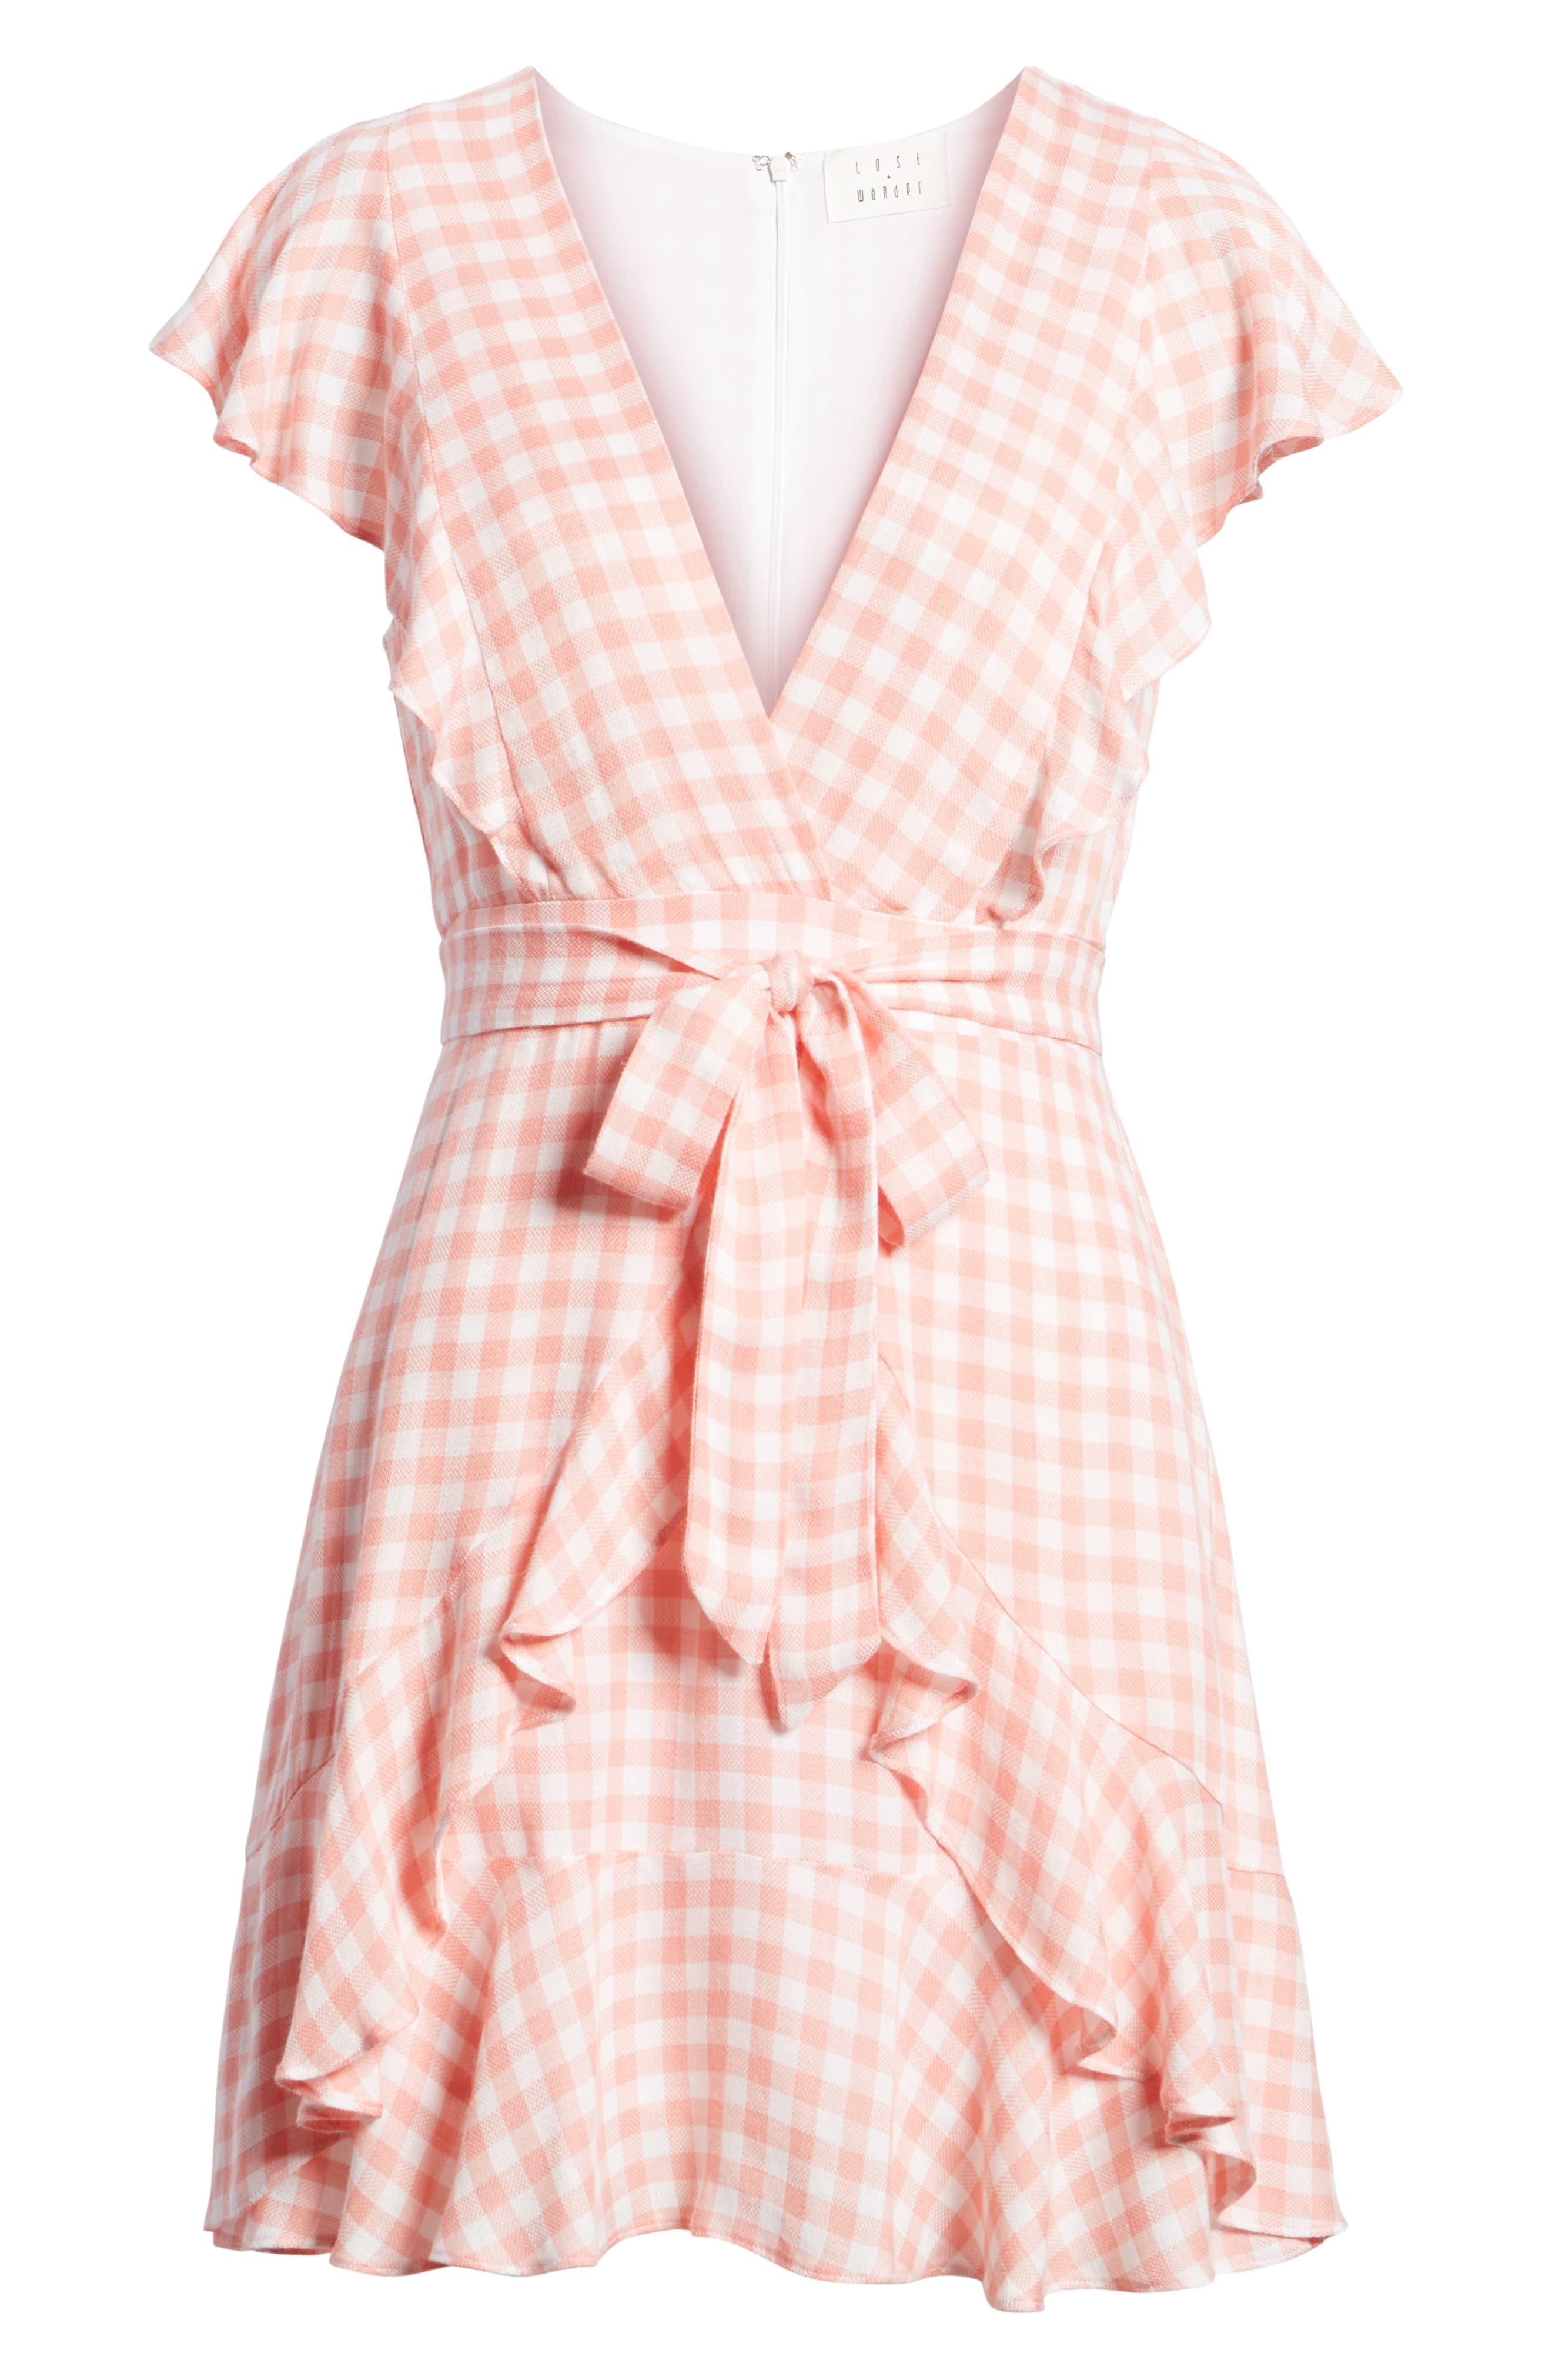 Brunch Ruffle Gingham Dress,                             Alternate thumbnail 8, color,                             693